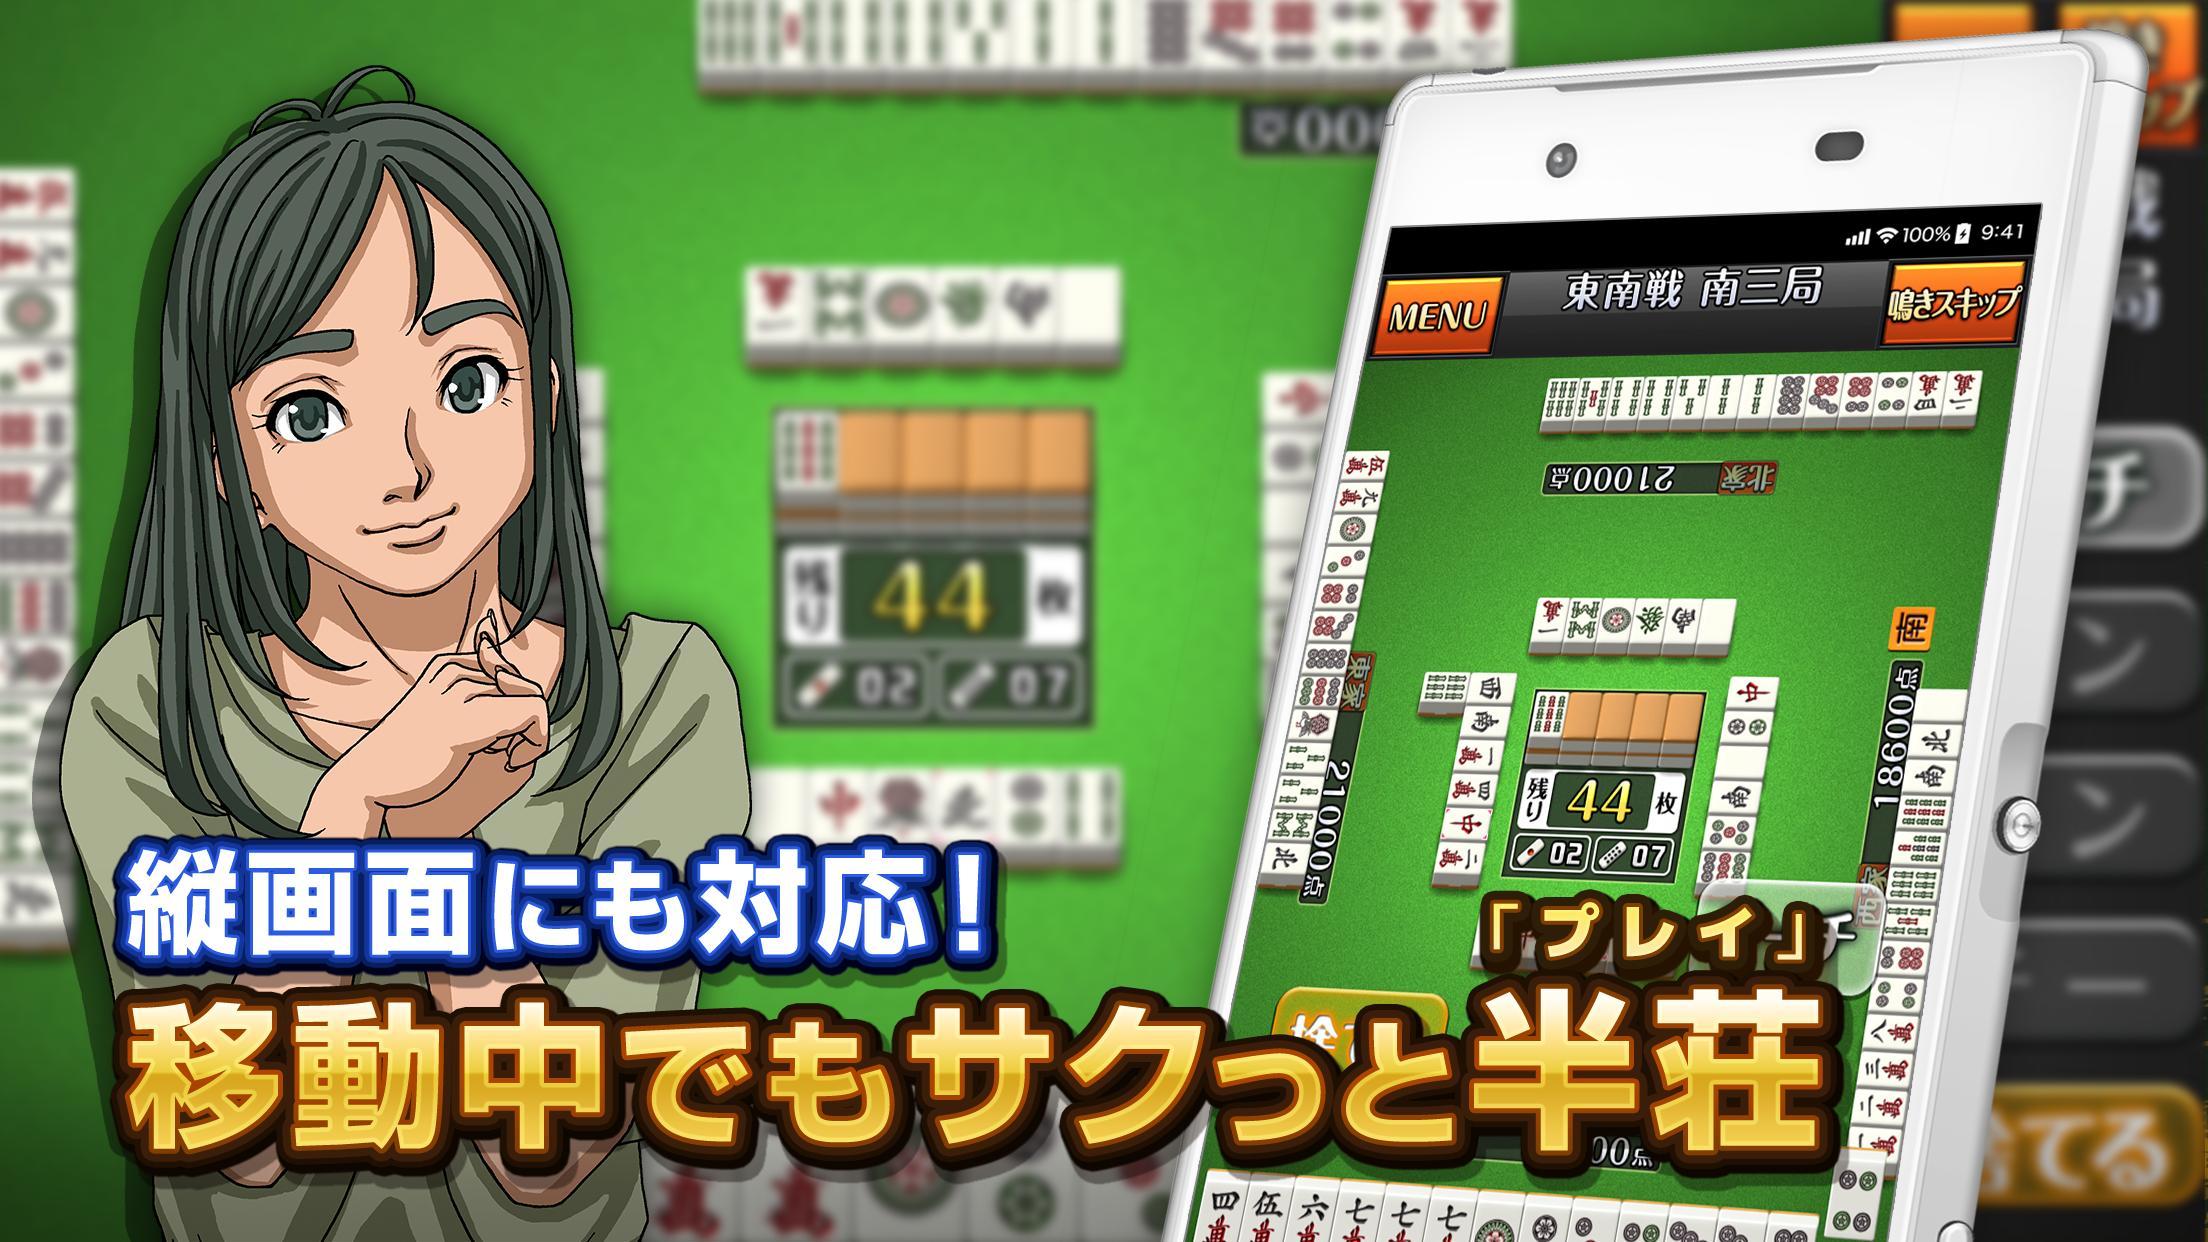 みんなの麻雀 初心者も強くなれるランキング戦が楽しい本格麻雀【無料】 1.1.12 Screenshot 13